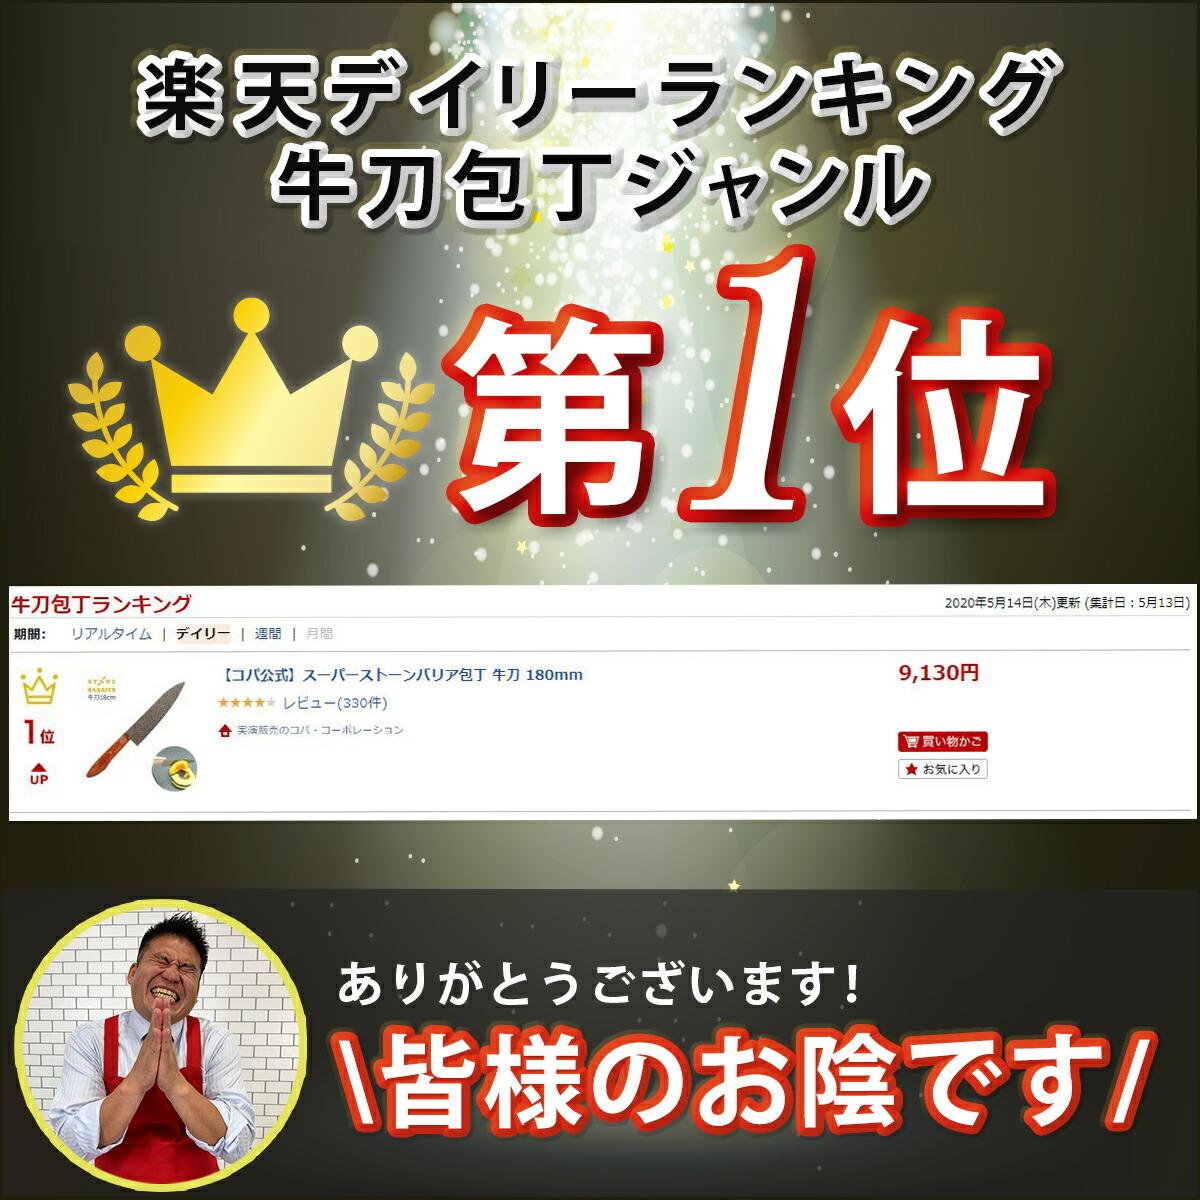 スーパーストーンバリア包丁牛刀18cm ランキング入賞